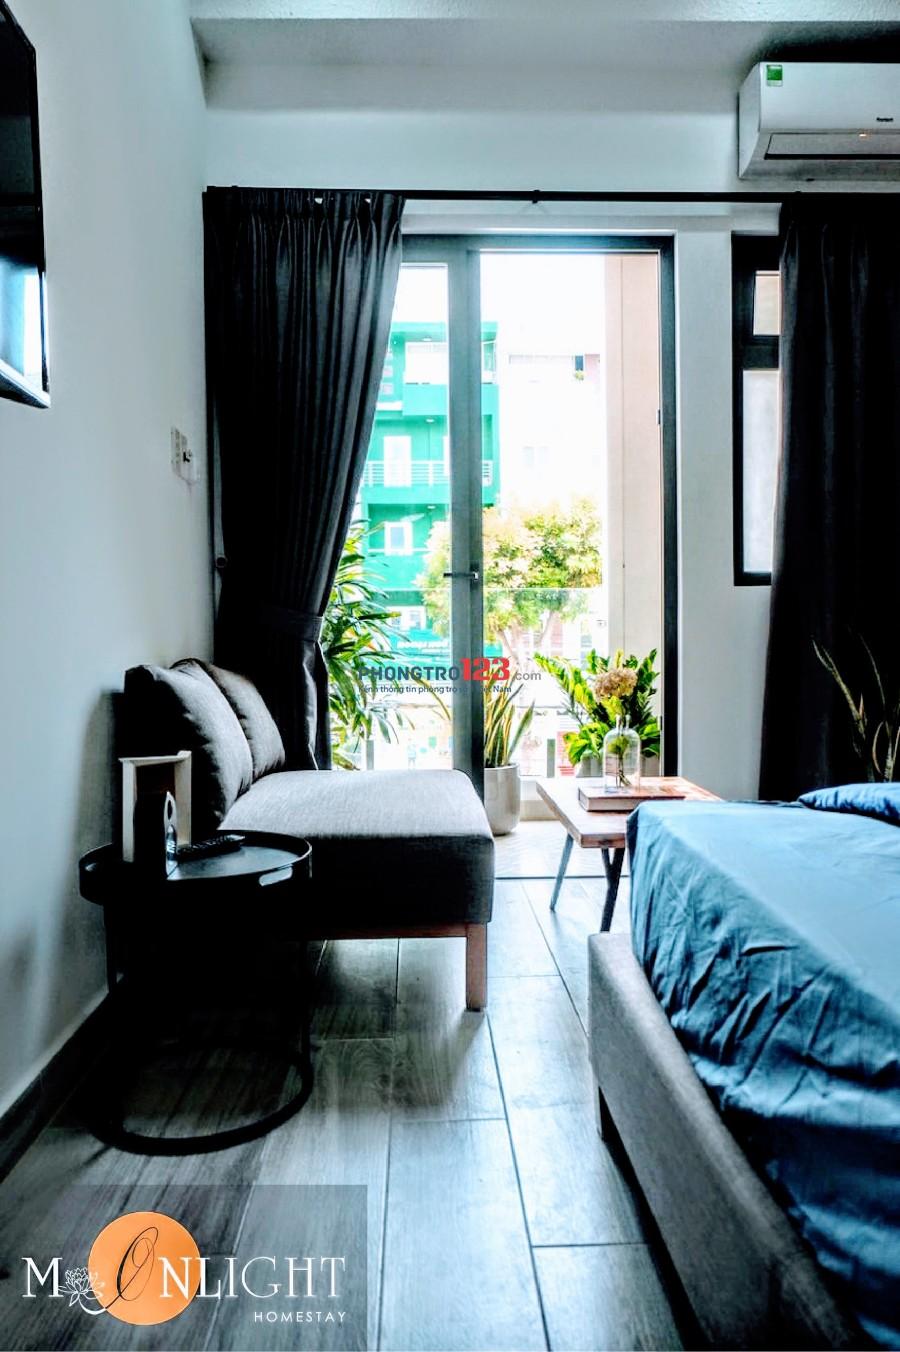 Phòng trọ mới xây cho thuê gần cầu Phú Mỹ - Nguyễn Văn Linh- Huỳnh Tấn Phát quận 7